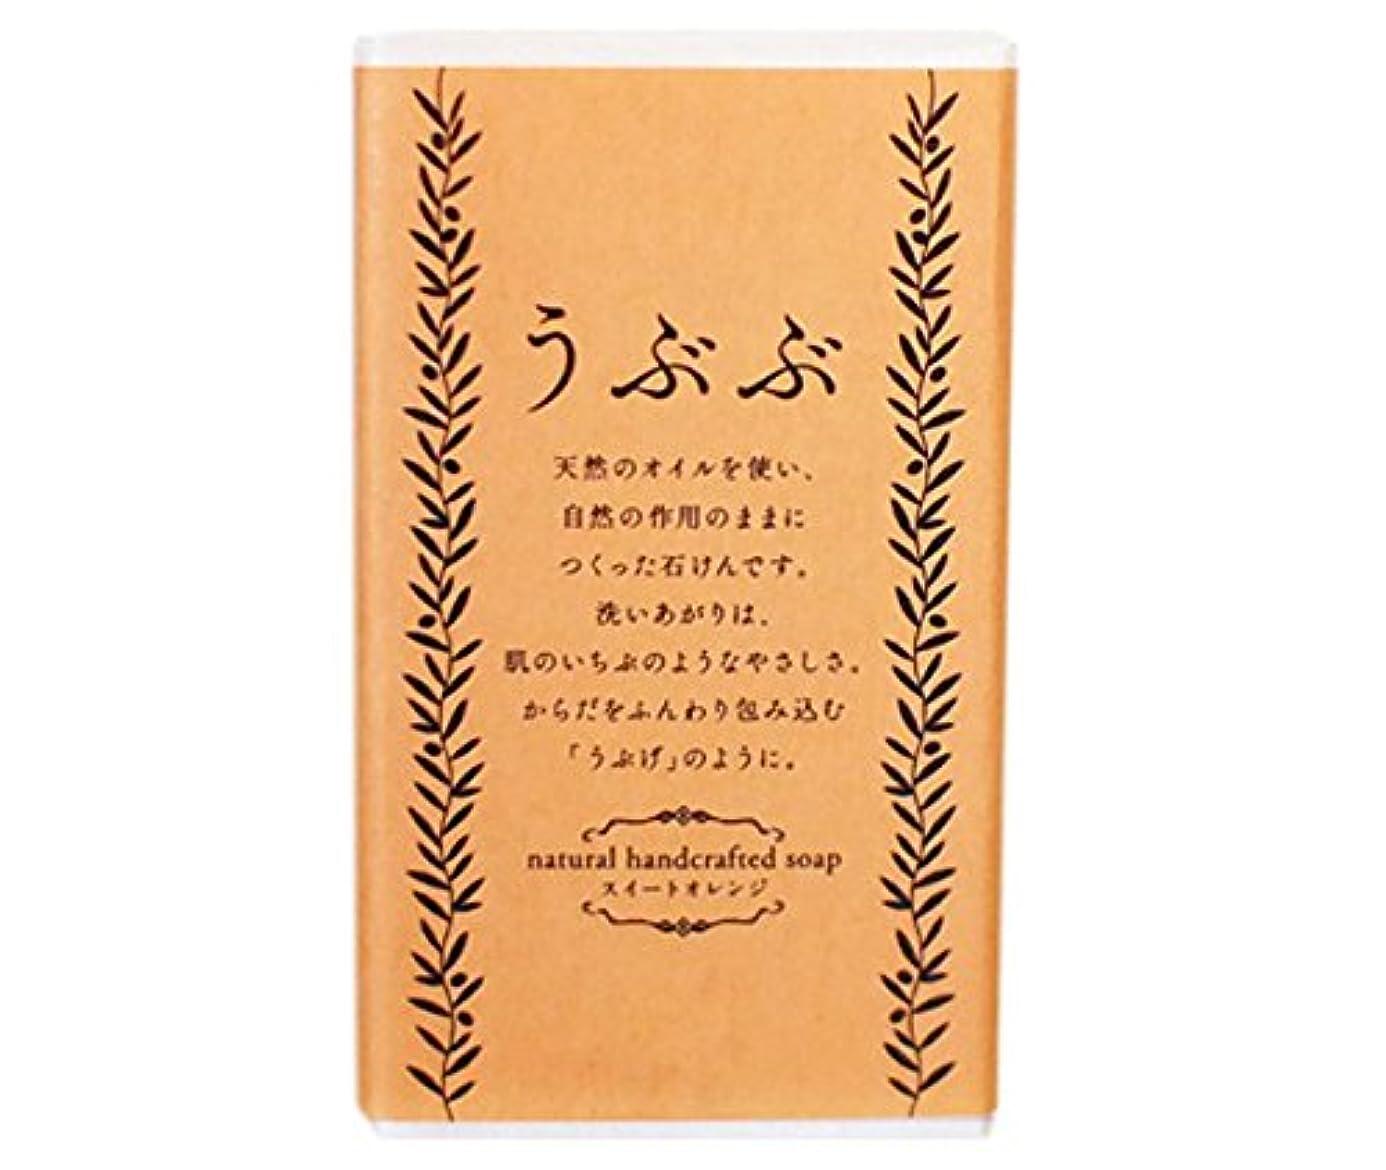 六分儀国籍友だちうぶぶ 石けん natural handcrafted soap スイートオレンジ